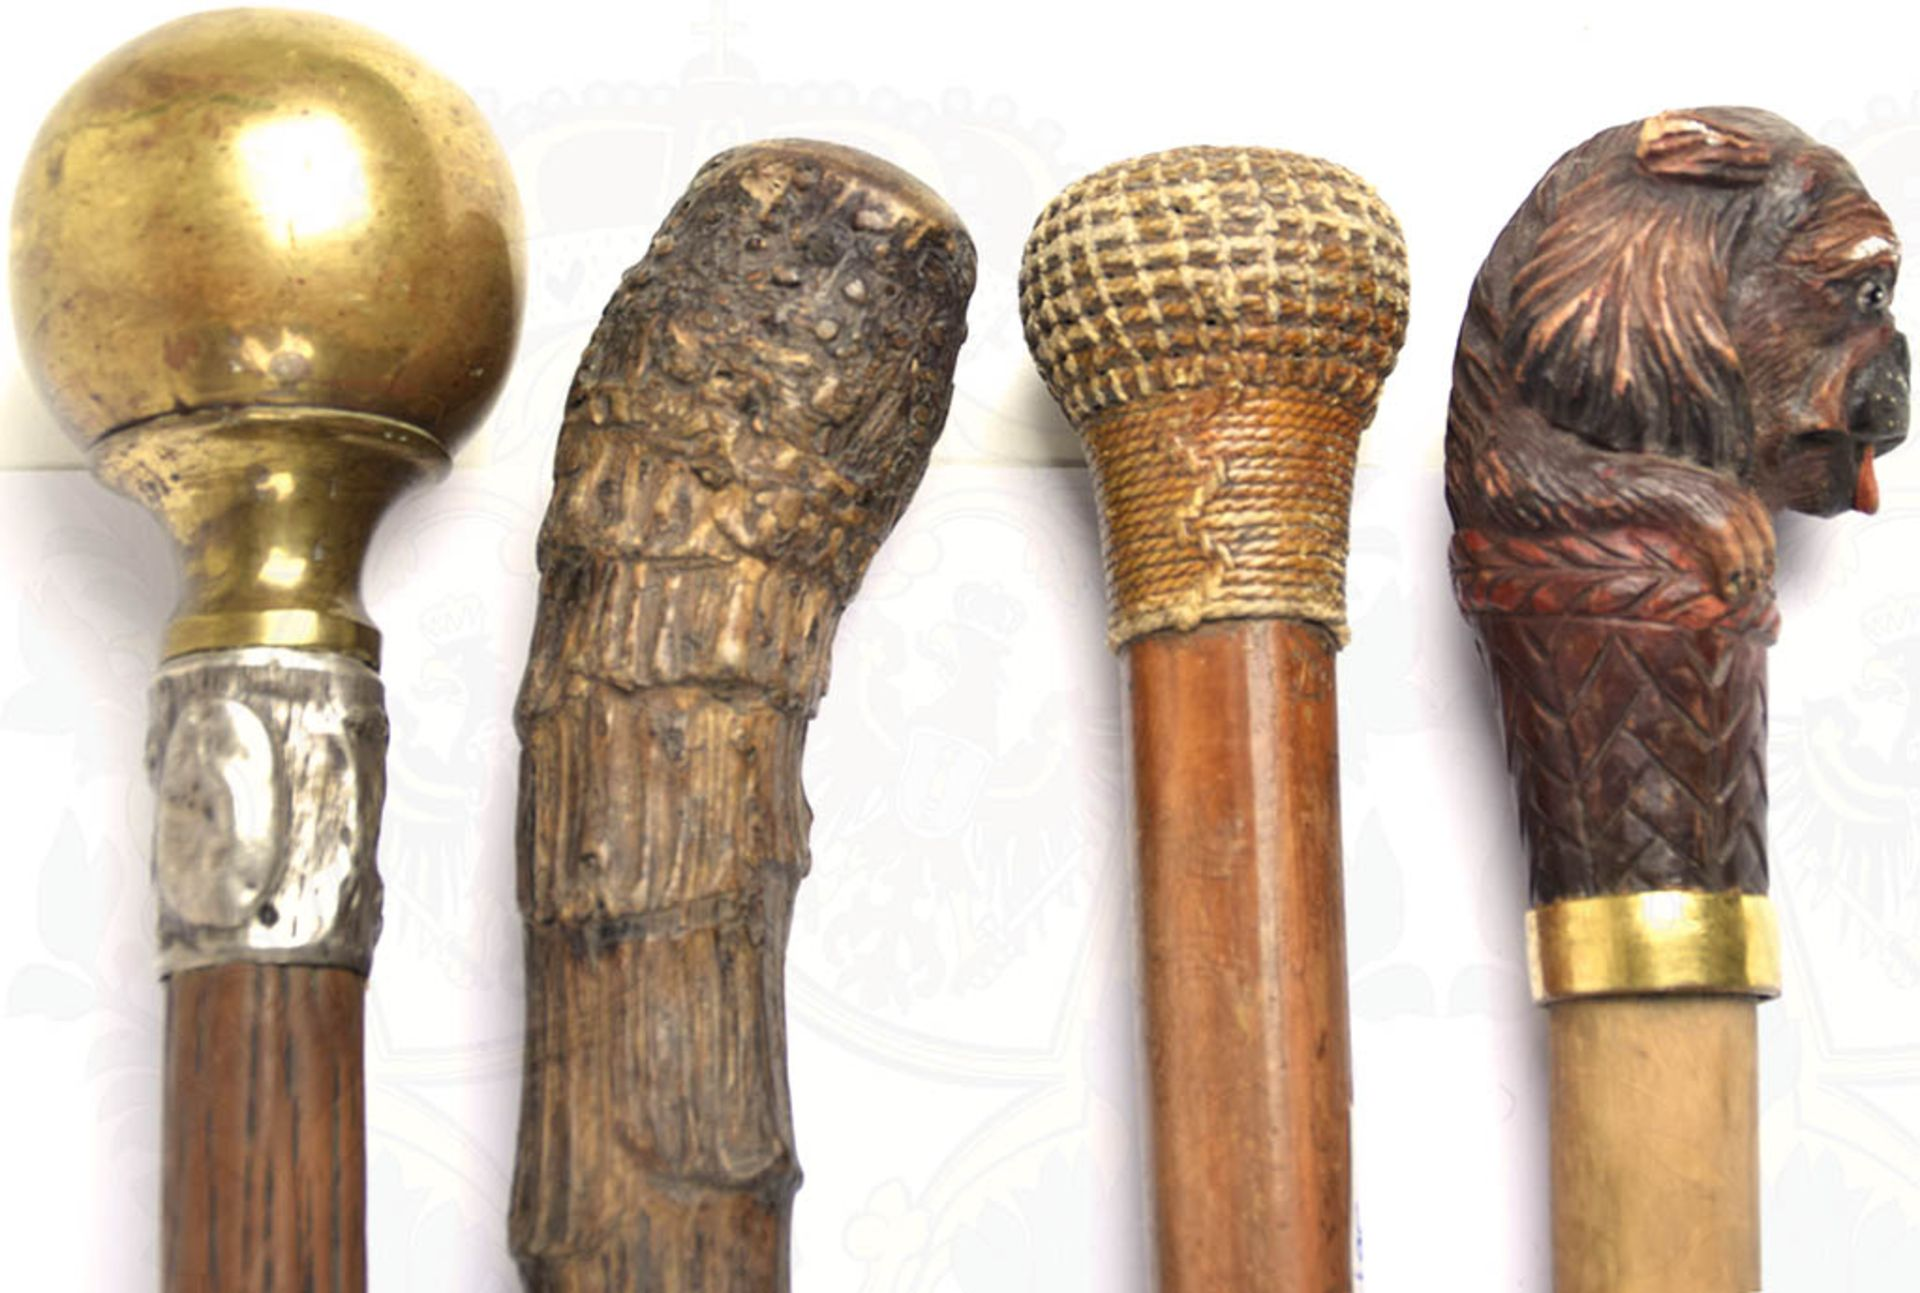 4 GEHSTÖCKE, versch. Holzsorten, L. 88-90 cm, 1 Kugelknauf, Messing, 2 plastisch gearbeitete Knäufe, - Bild 2 aus 2